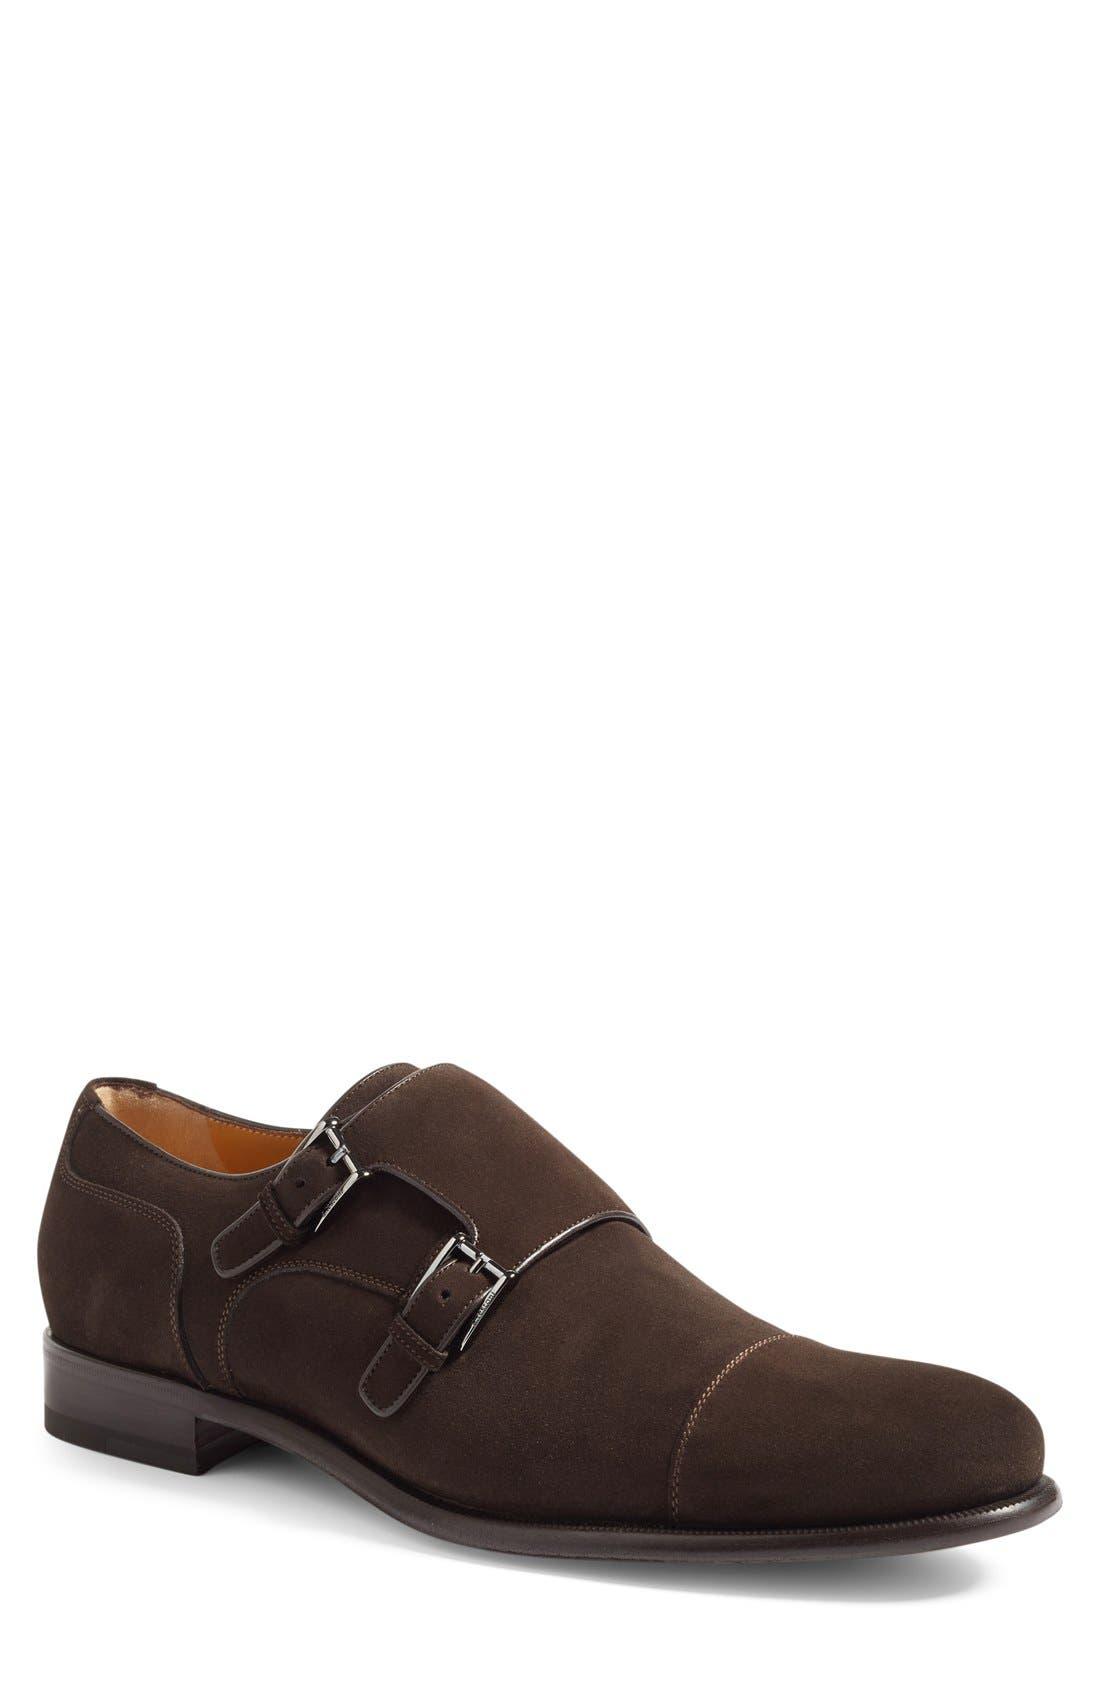 Alternate Image 2  - A. Testoni Double Monk Strap Shoe (Men)